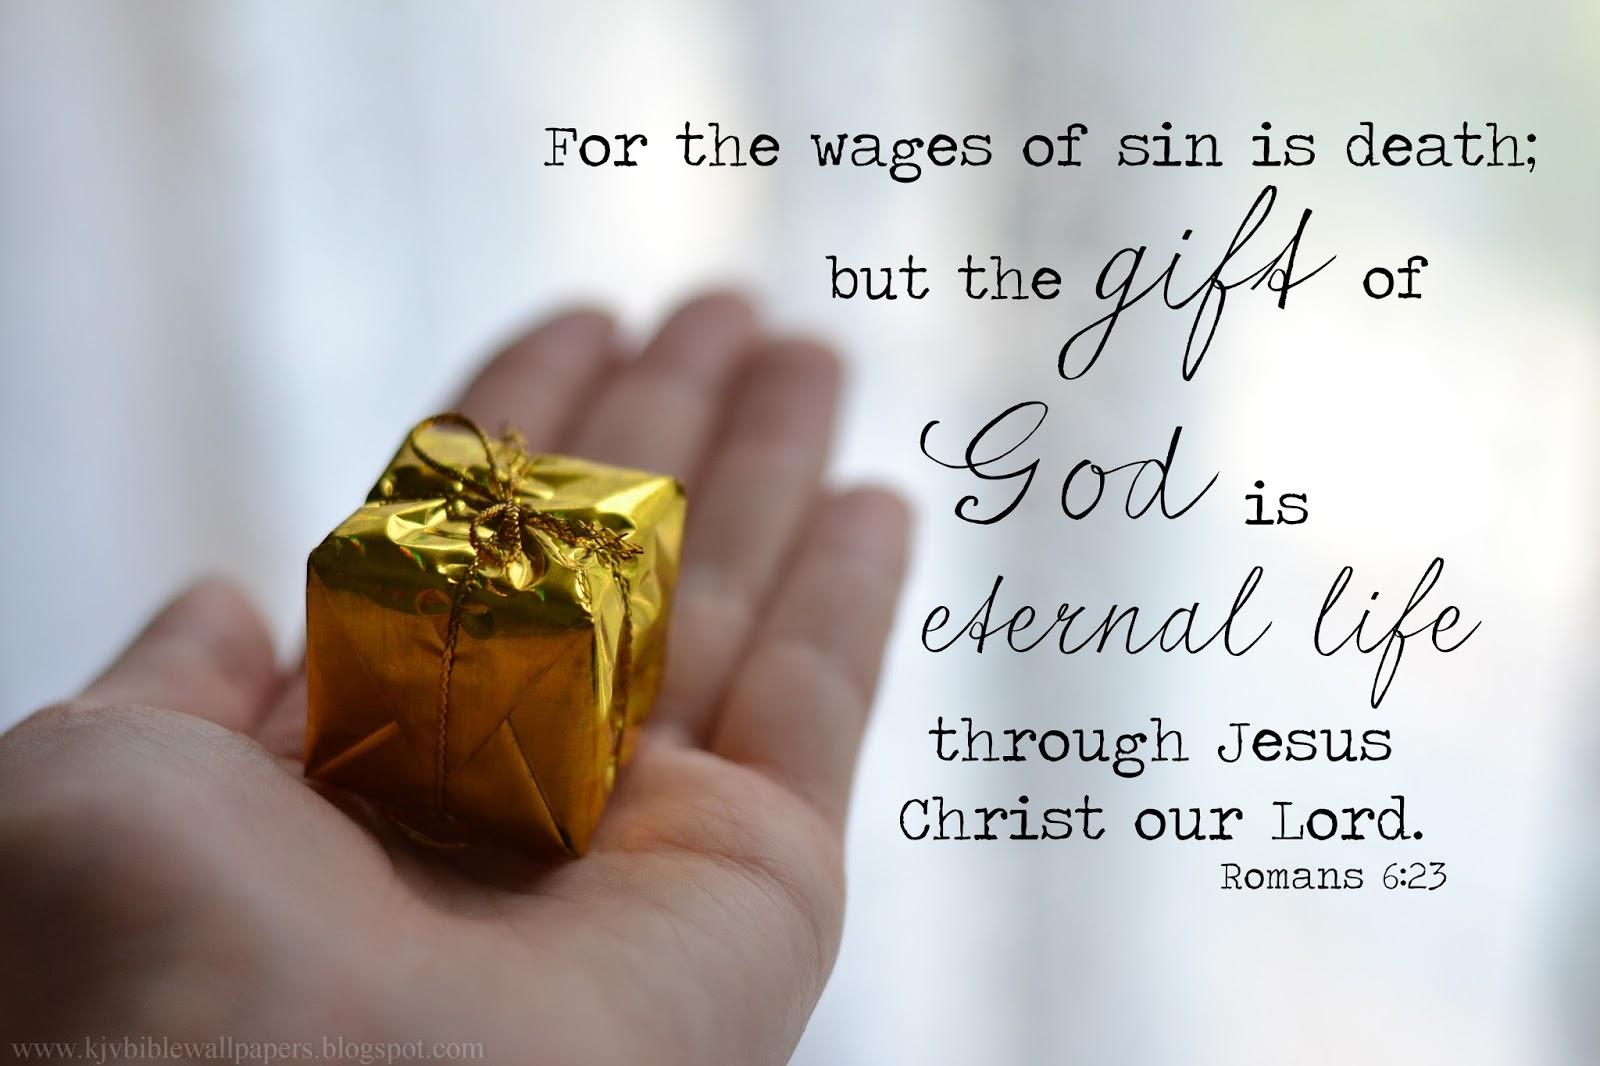 KJV Bible Wallpapers: The Gift of God - Romans 6:23